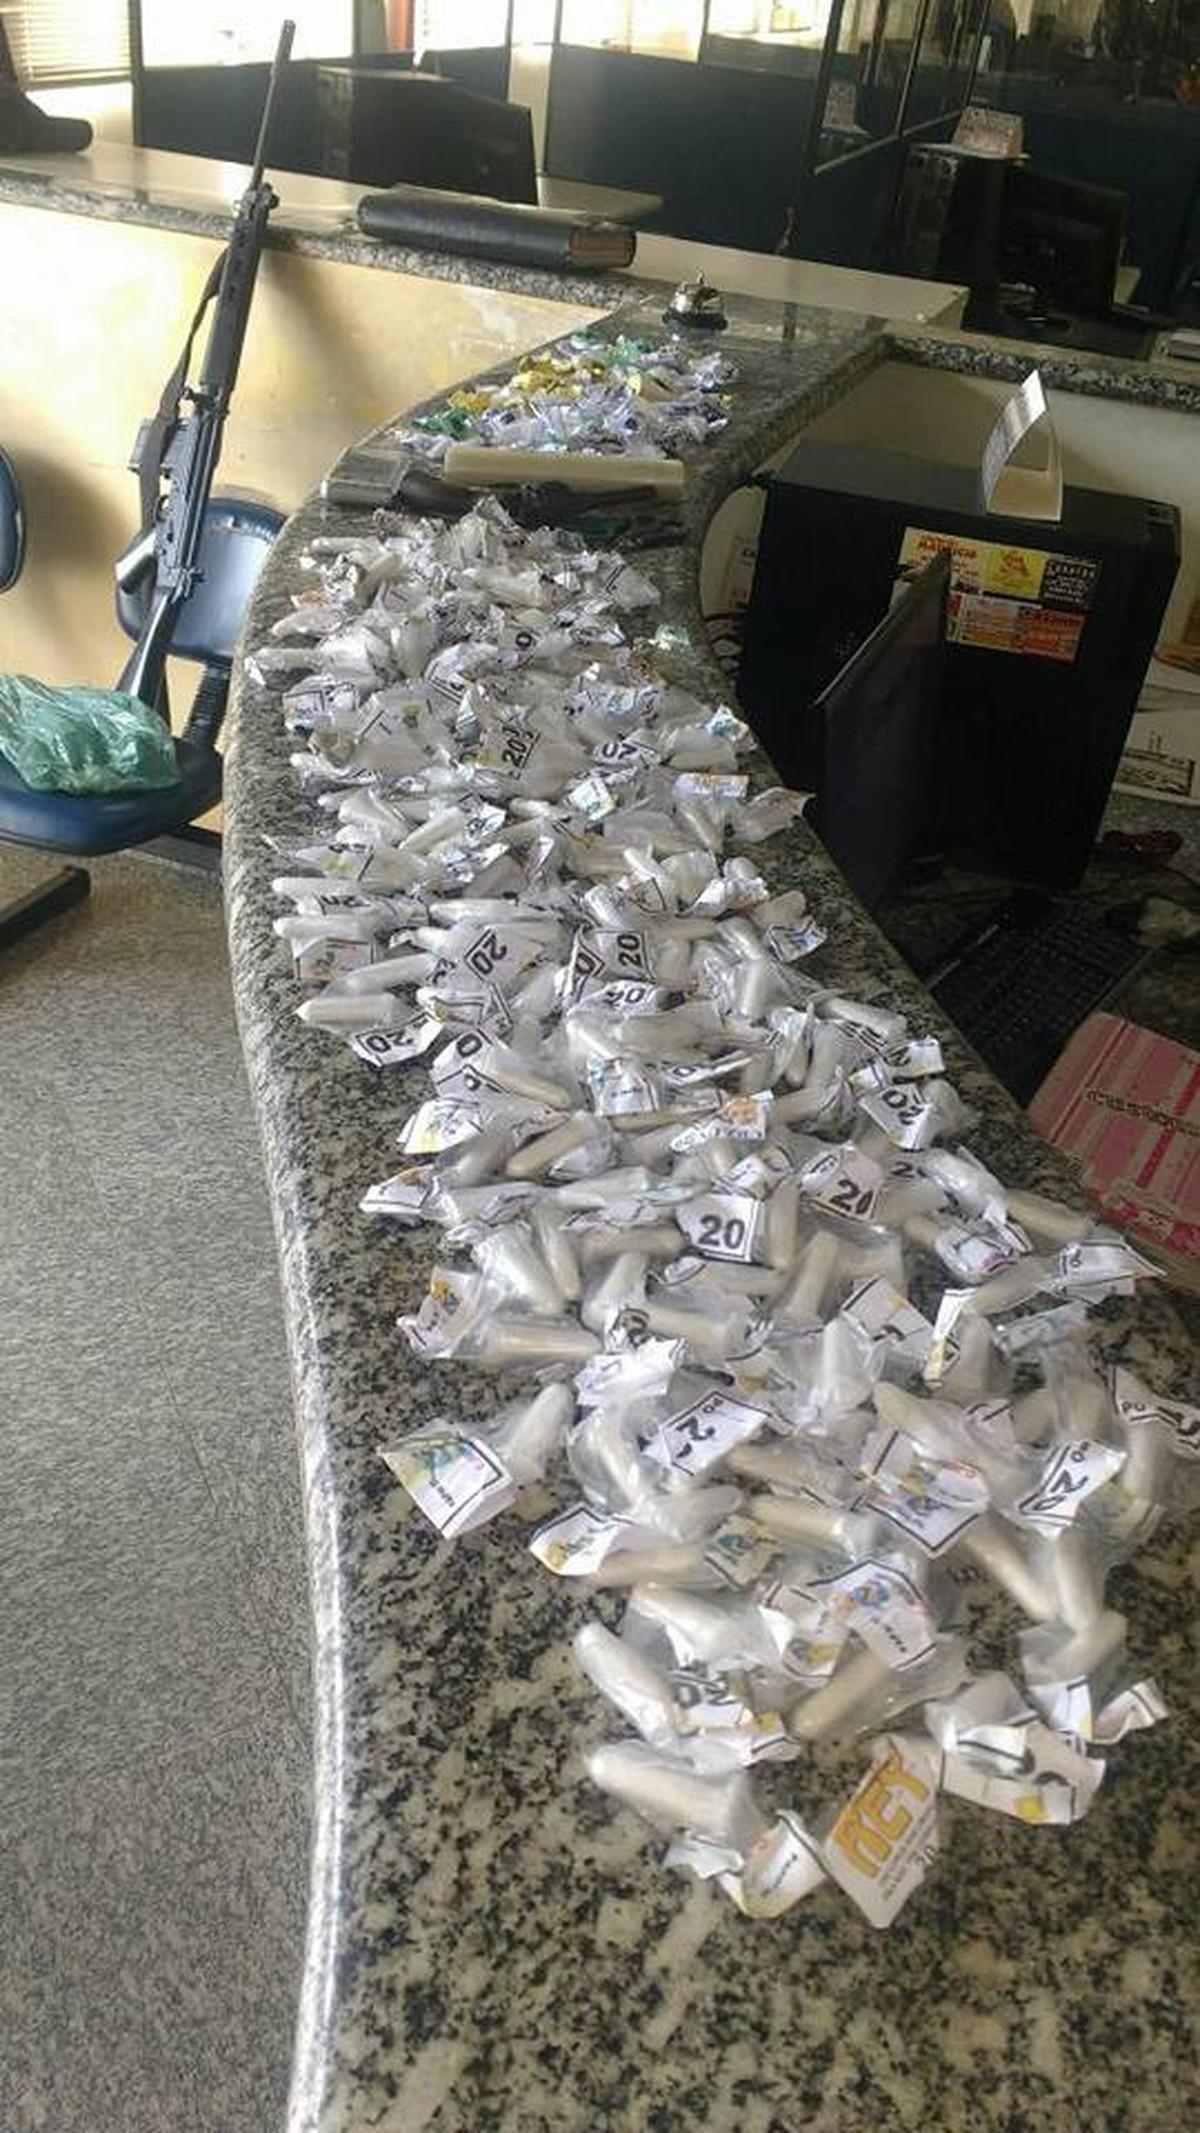 PM apreende 300 pinos de cocaína e uma arma em Miracema, no RJ